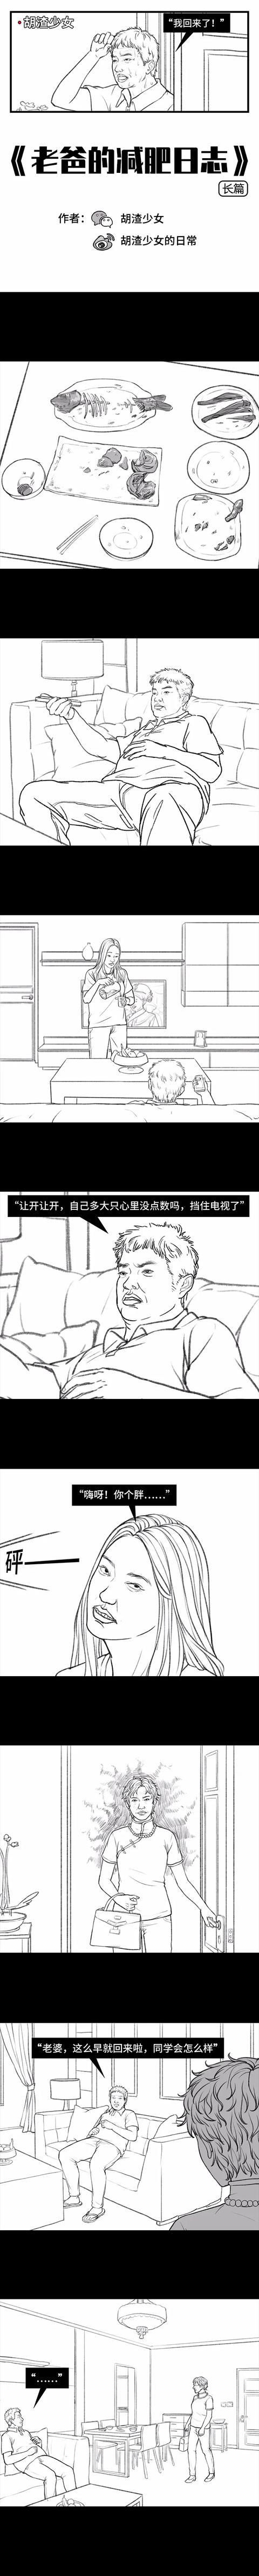 《内涵漫画》老爸